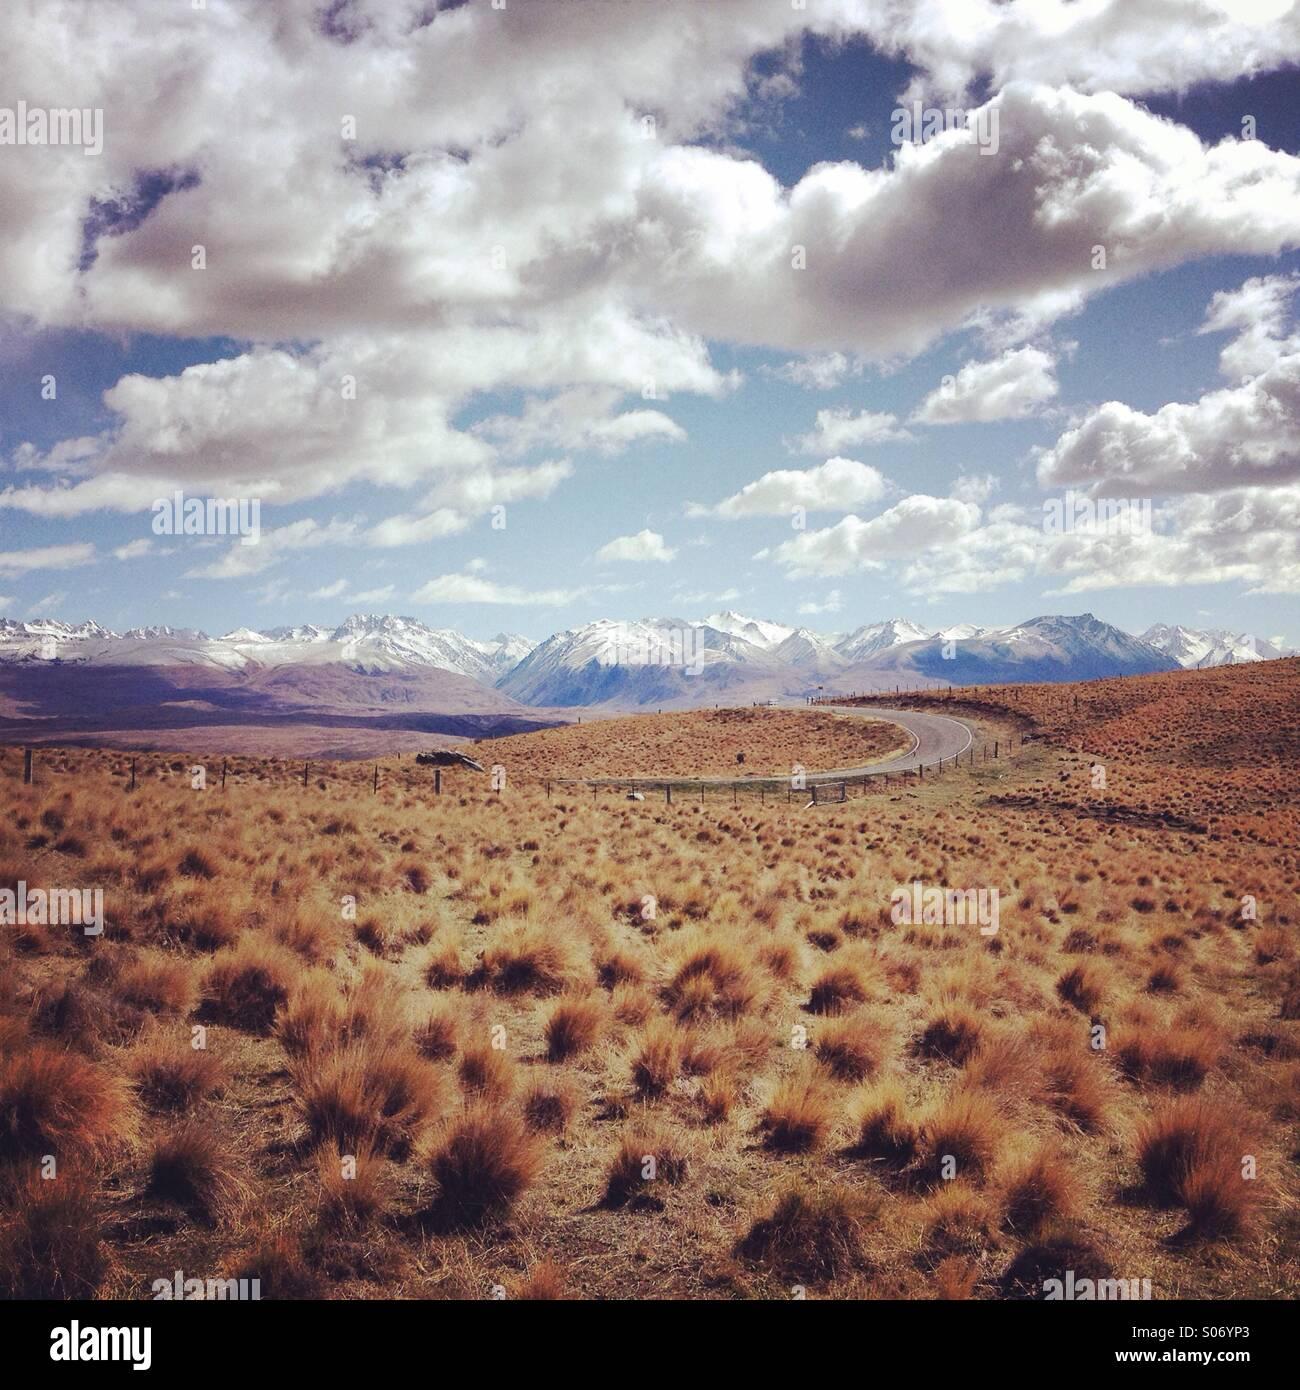 Les prairies en Nouvelle-Zélande avec une chaîne de montagnes en arrière-plan Photo Stock